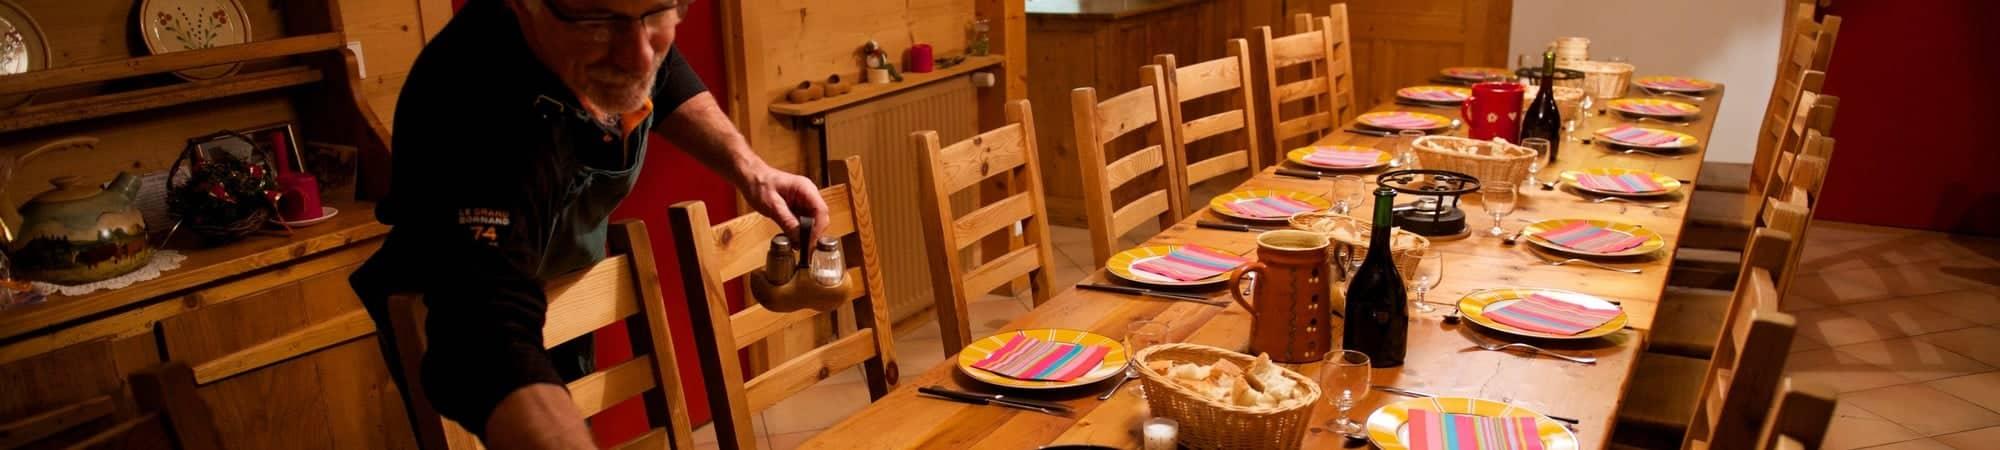 bandeau a table